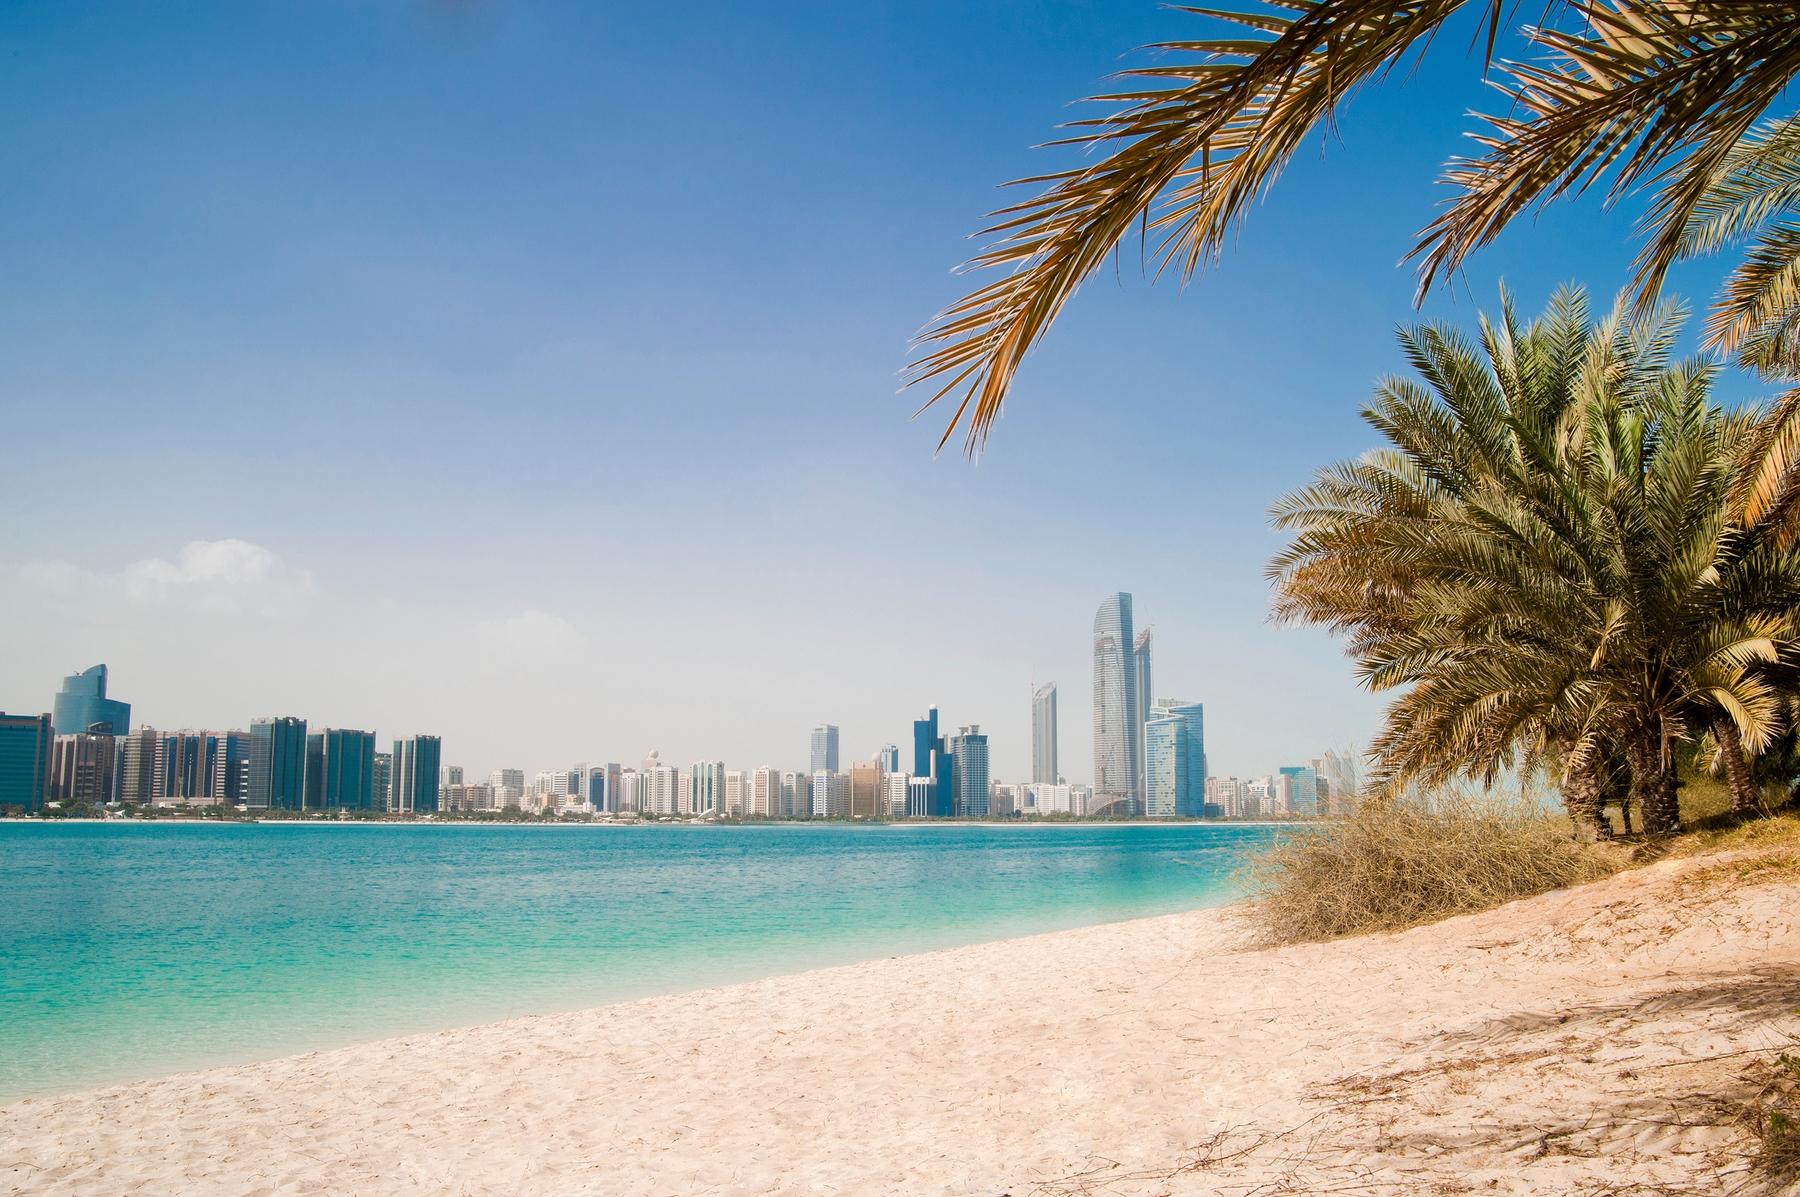 Курорты с морем: роскошные Арабские Эмираты